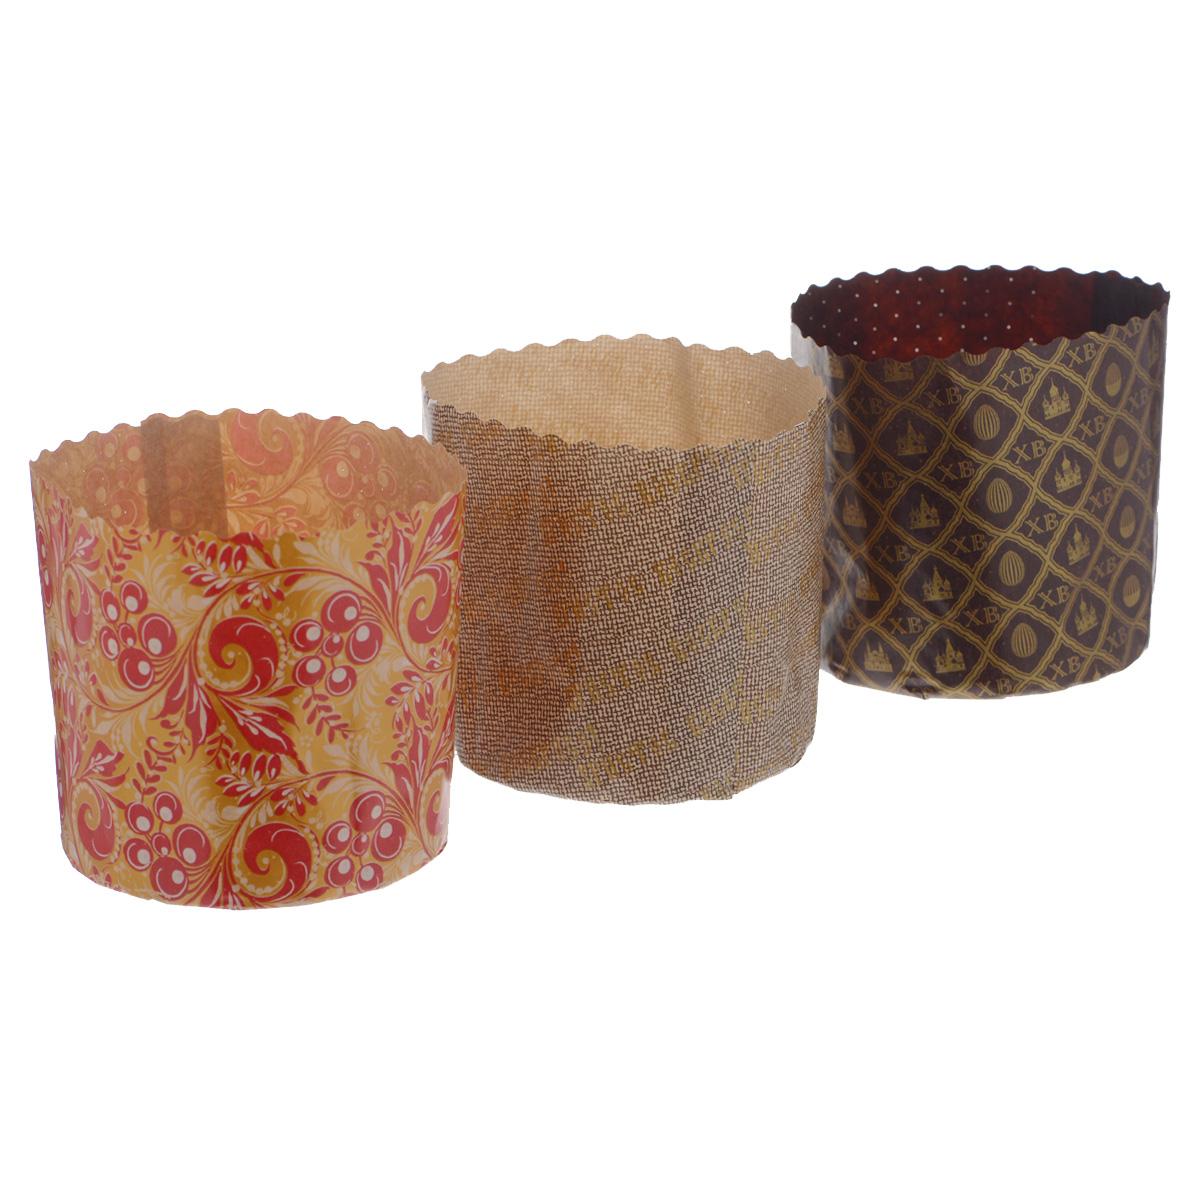 Набор форм для выпечки куличей Marmiton Пасхальный, 0,5 л, 3 шт бумажные формы для куличей тверь